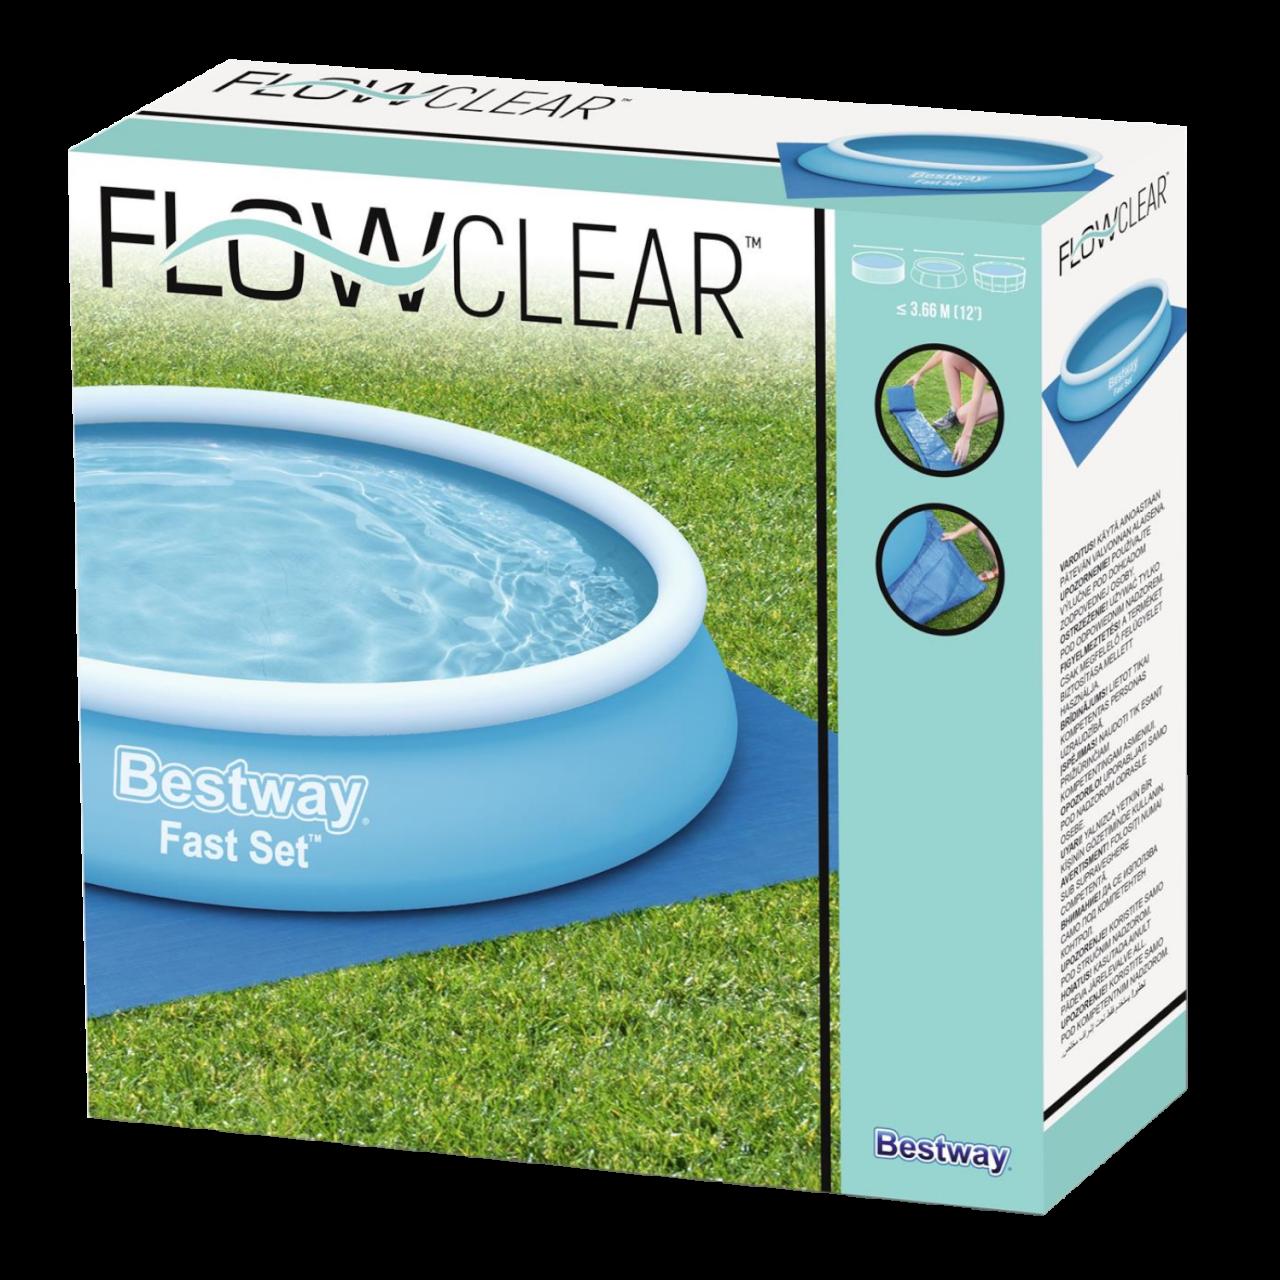 Bestway 58002 Flowclear Bodenplane Quadratisch 396x396cm Bodenschutz Poolschutz